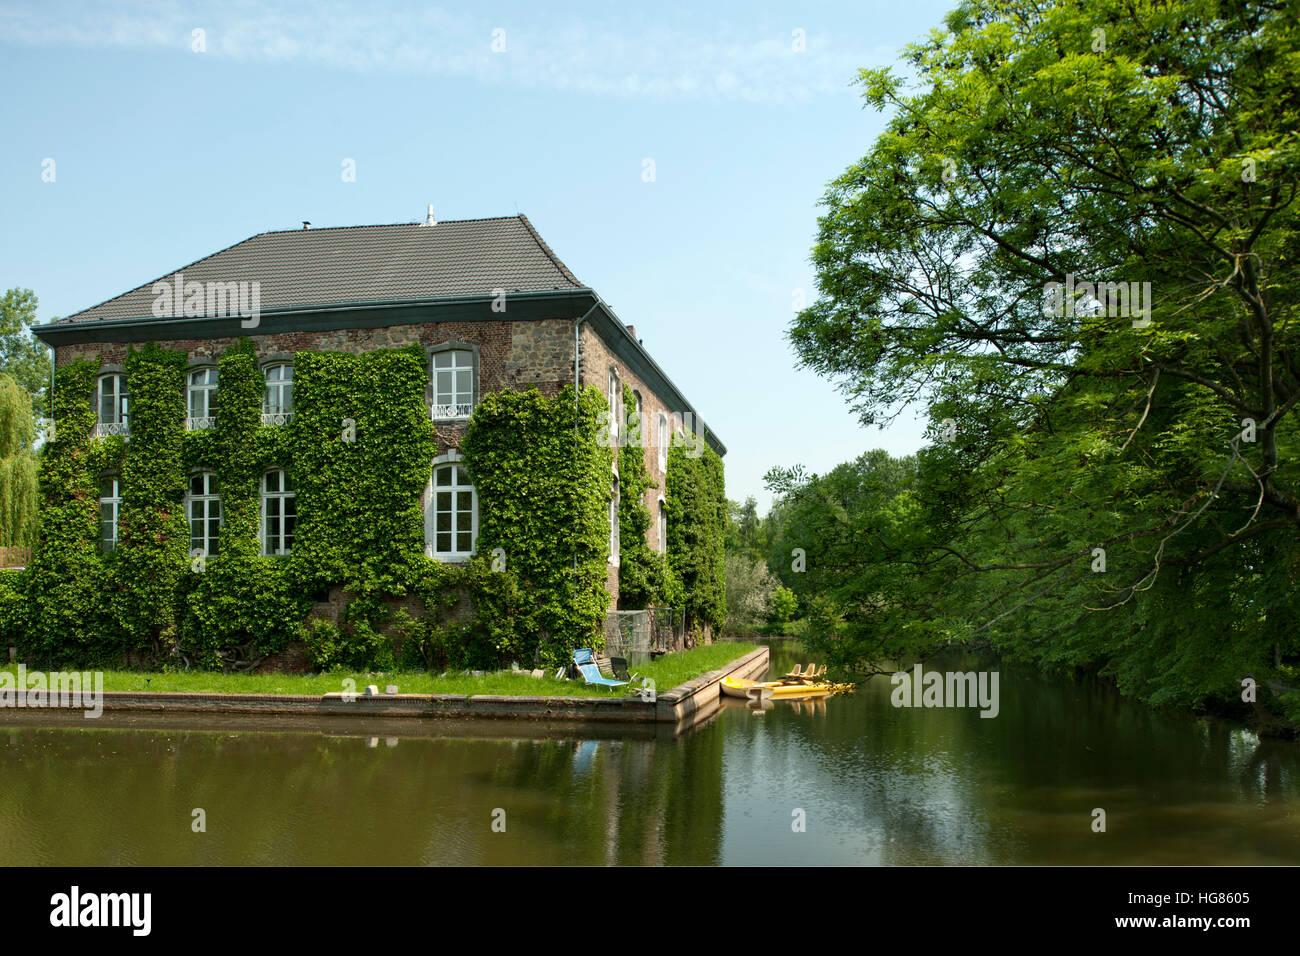 Deutschland, NRW, Städteregion Aachen, Eschweiler, Ortsteil Kinzweiler, Herrenhaus der Burg Kinzweiler - Stock Image